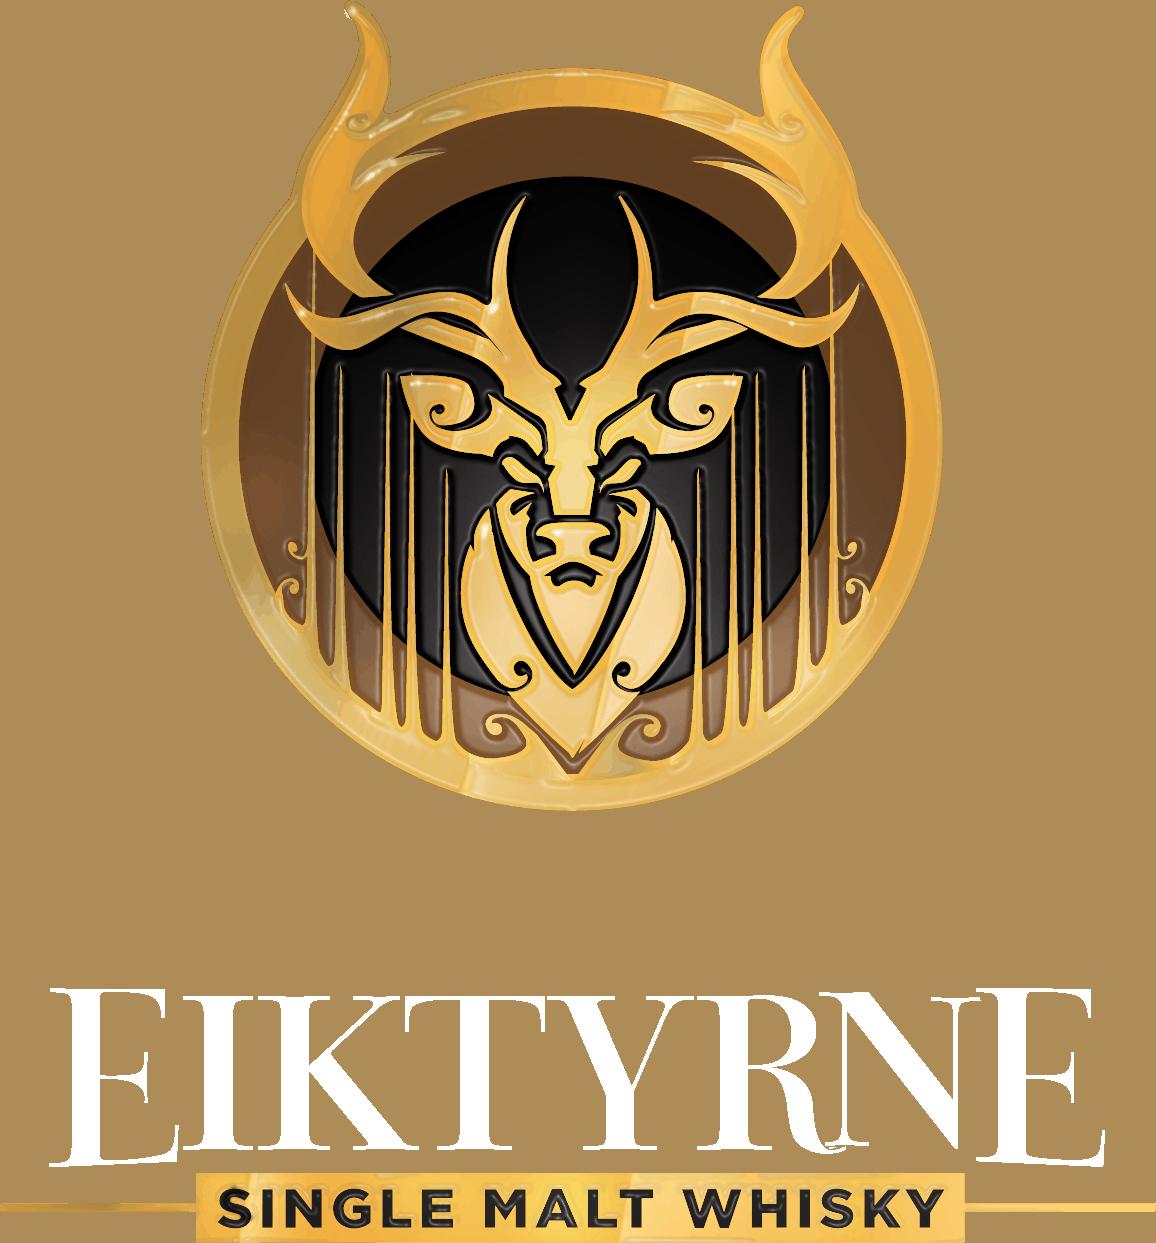 Logo of Eiktyrne Whisky